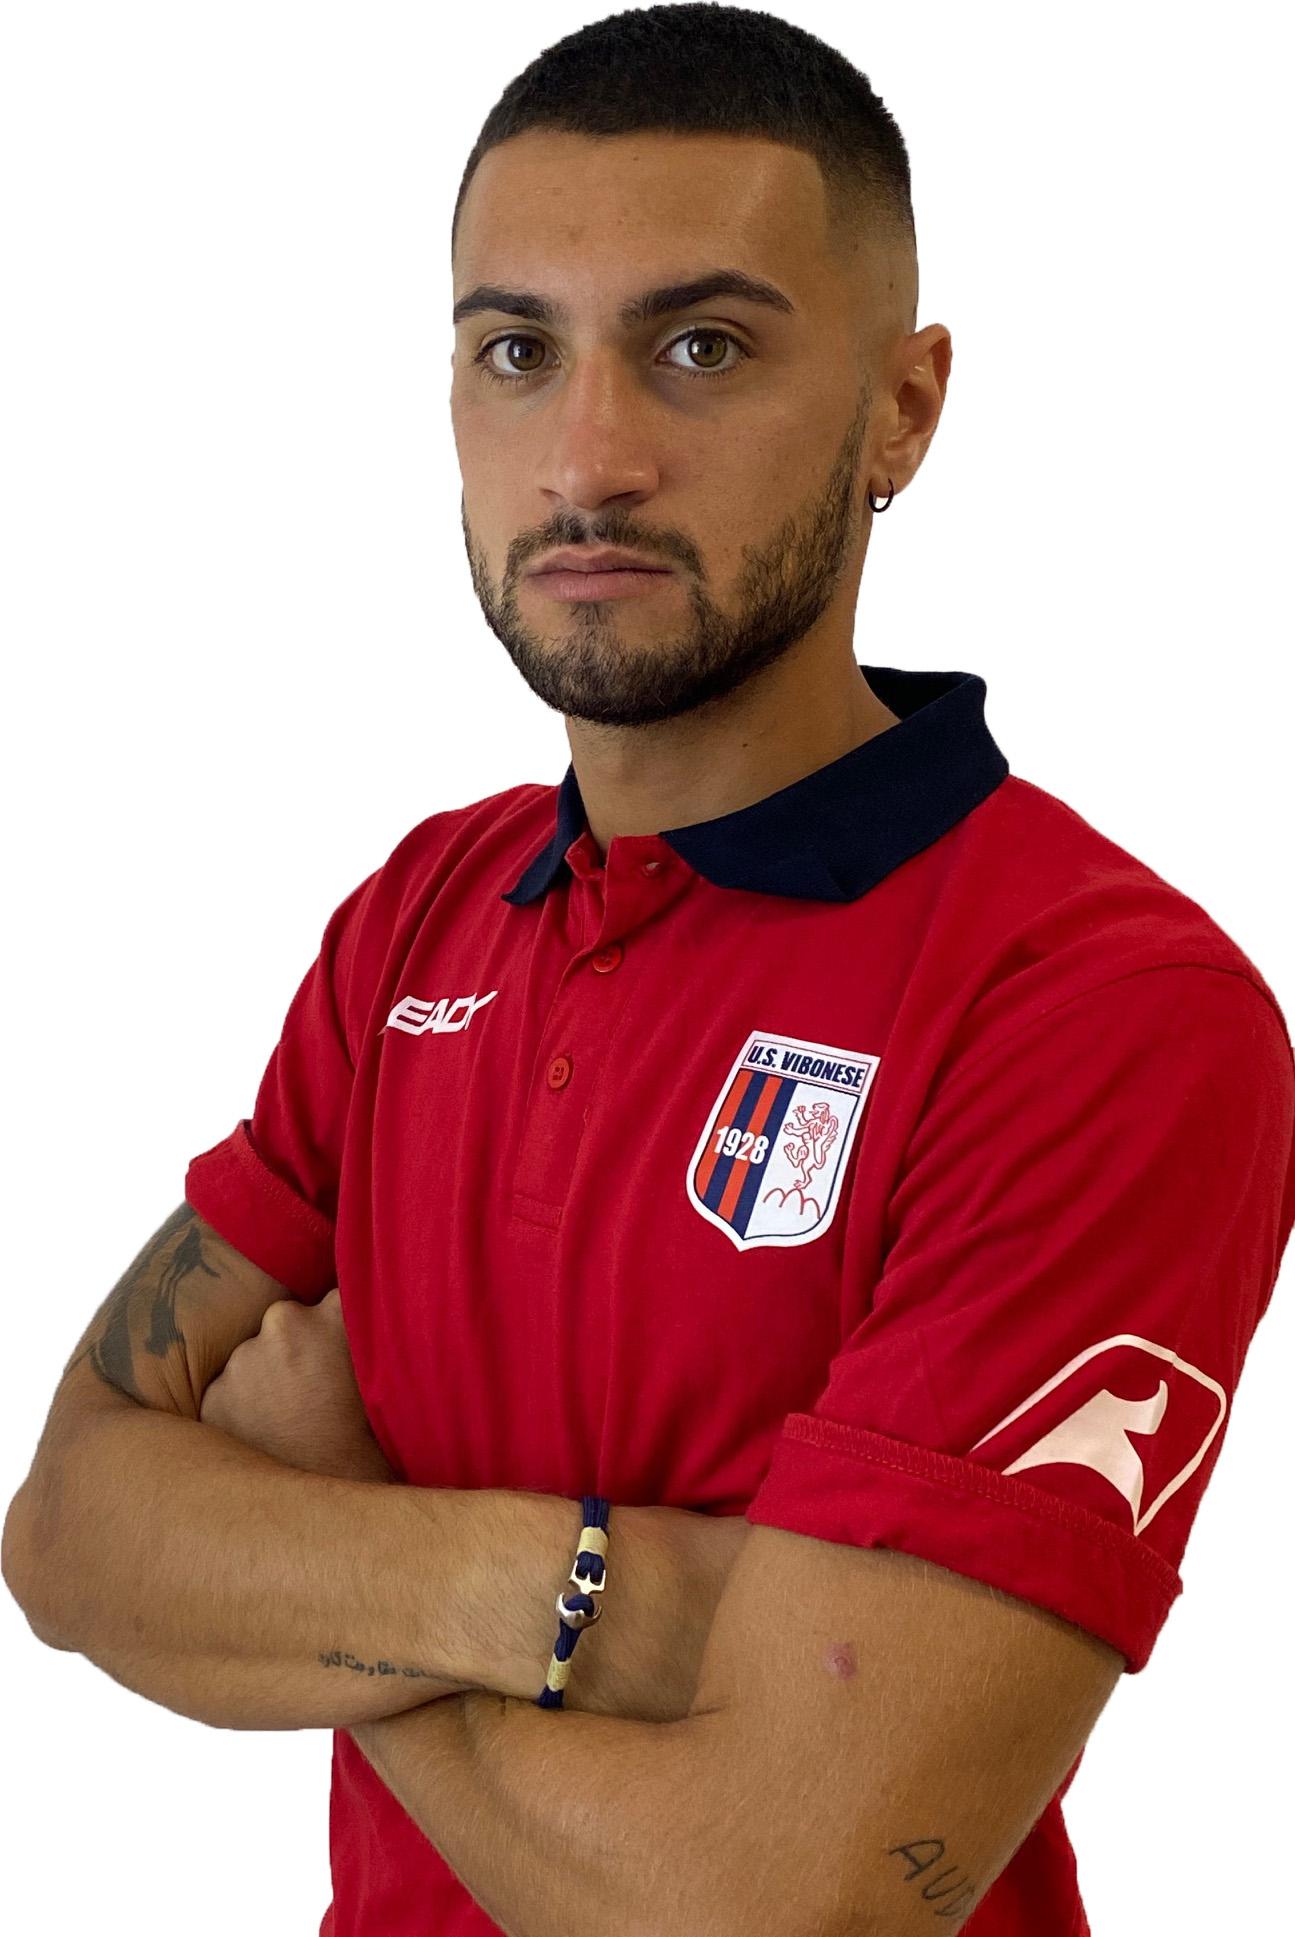 Tumbarello Giorgio immagine 16070 US Vibonese Calcio